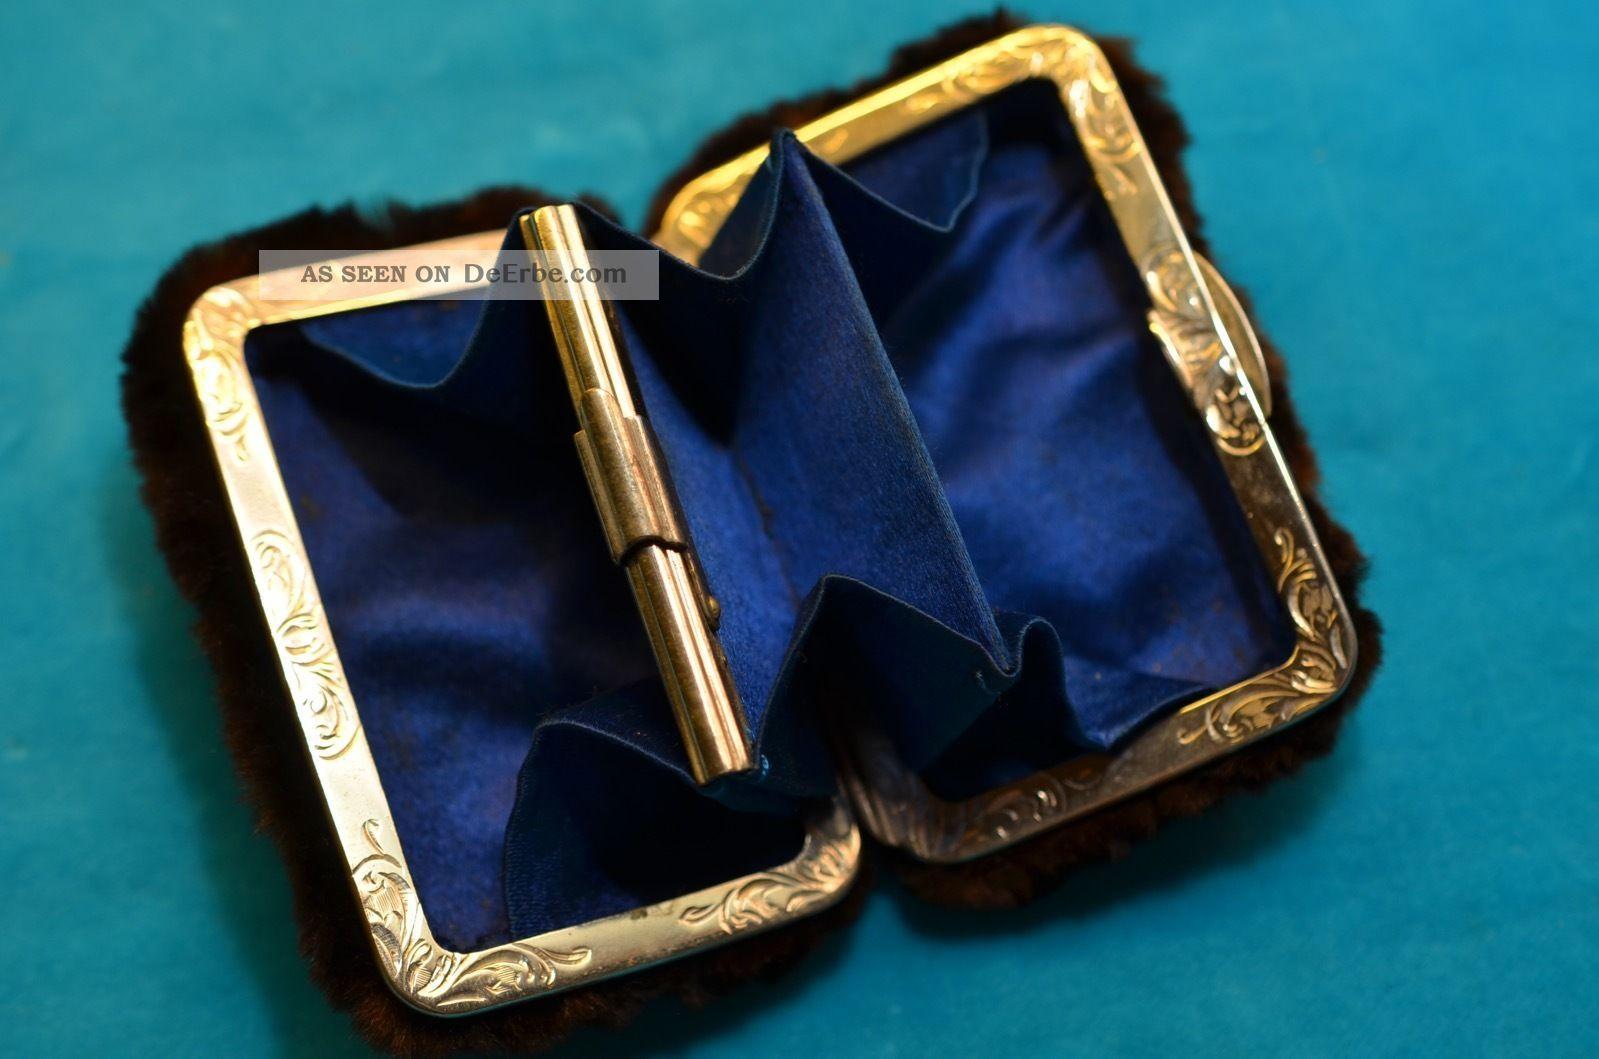 Gut Erhaltene Alte Ausgefallene Damen - Geldbörse Mit Fell überzogen Accessoires Bild